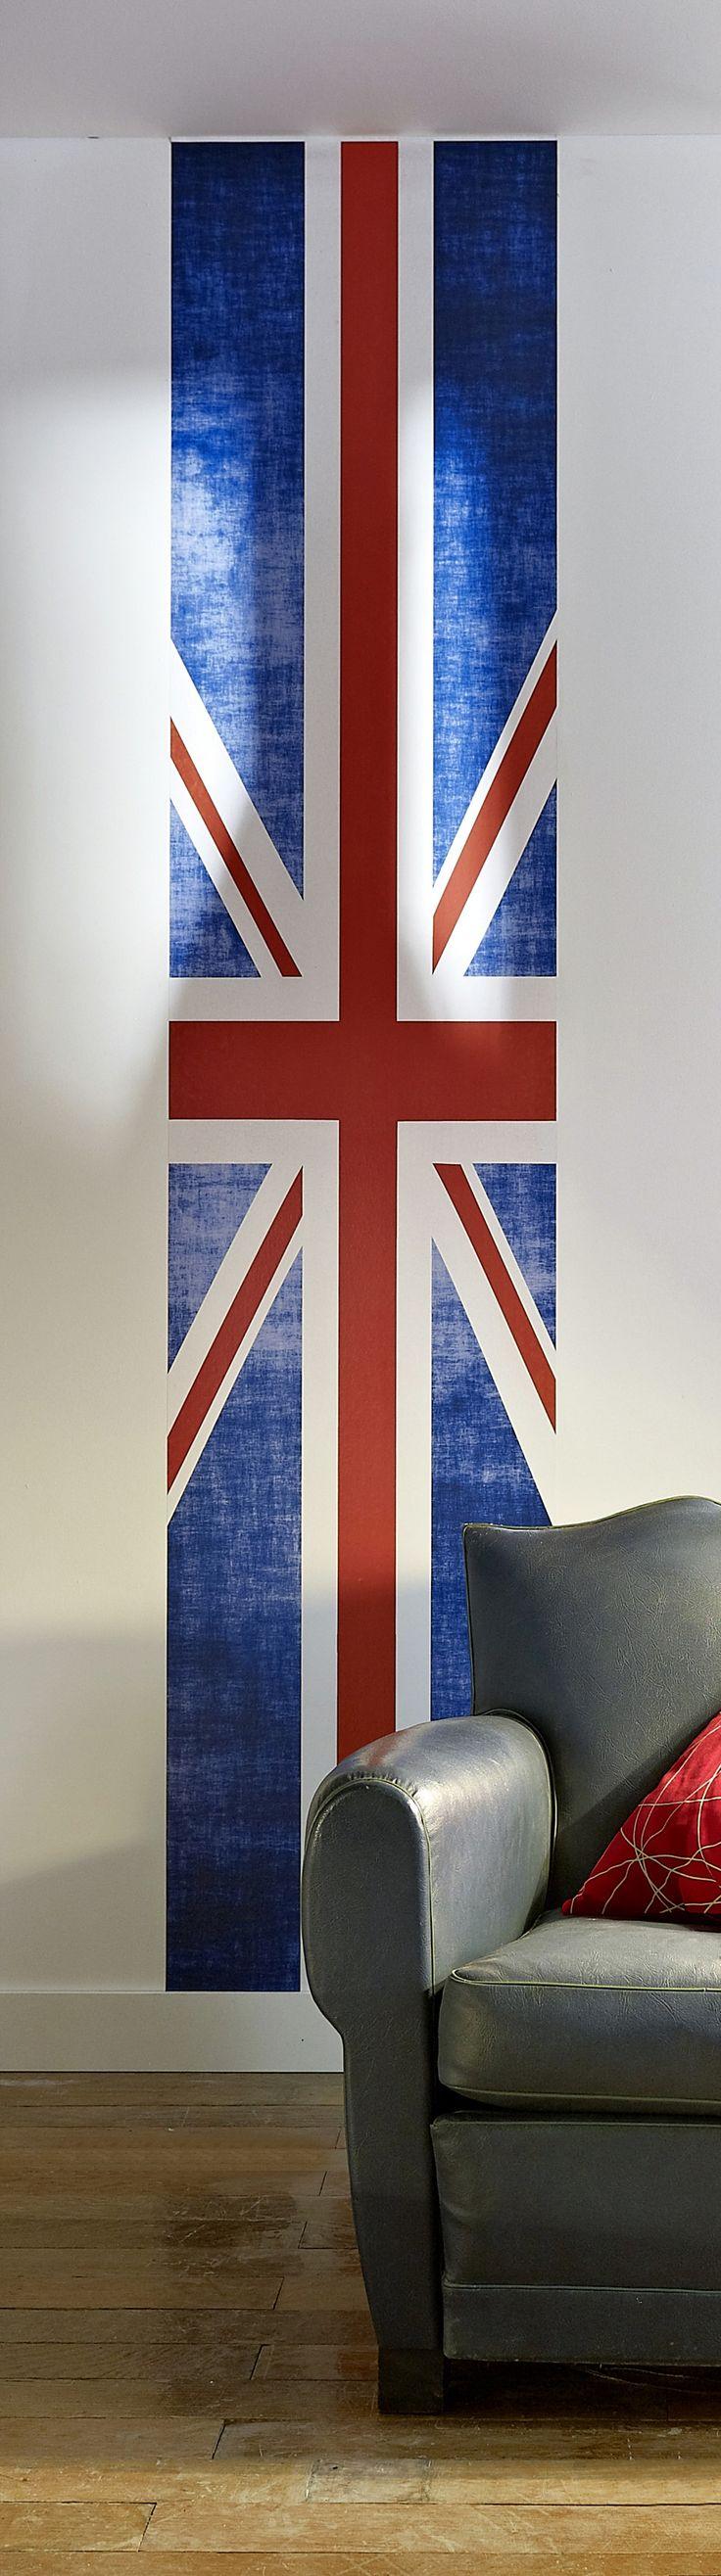 Vous êtes fan de l'Angleterre ? Optez pour le papier peint lé unique Union Jack !